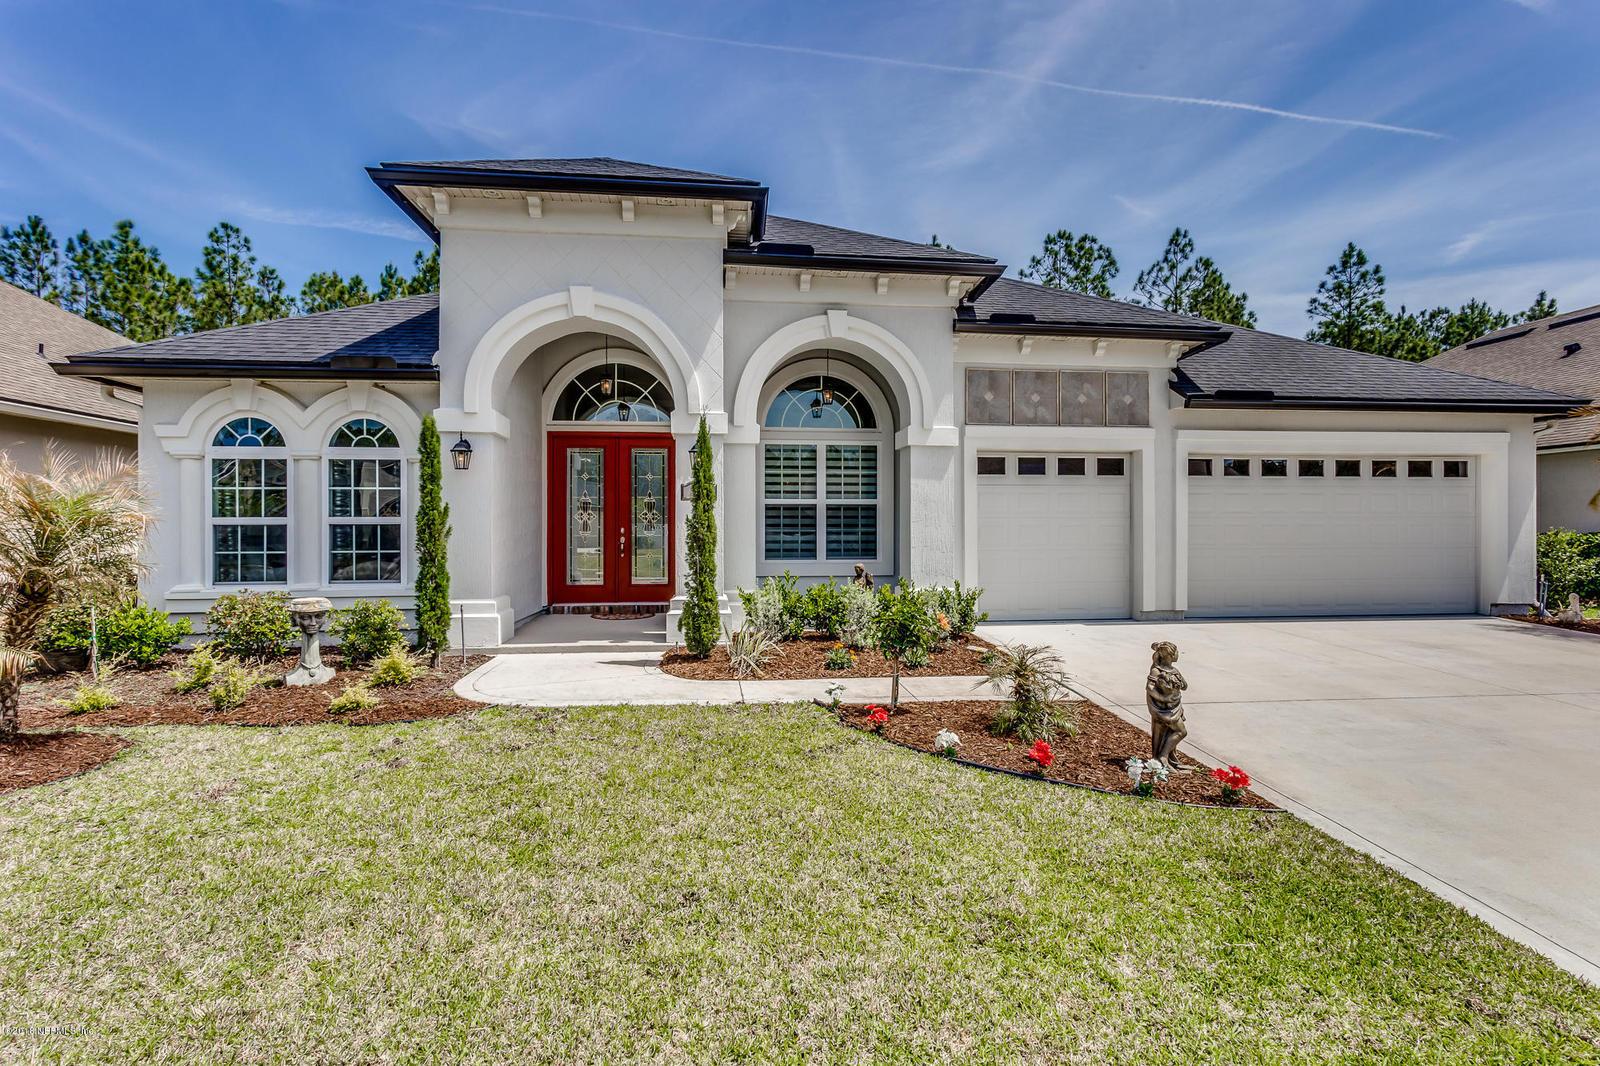 225 Michaela St Saint Johns Fl Mls 929899 Better Homes And Gardens Real Estate